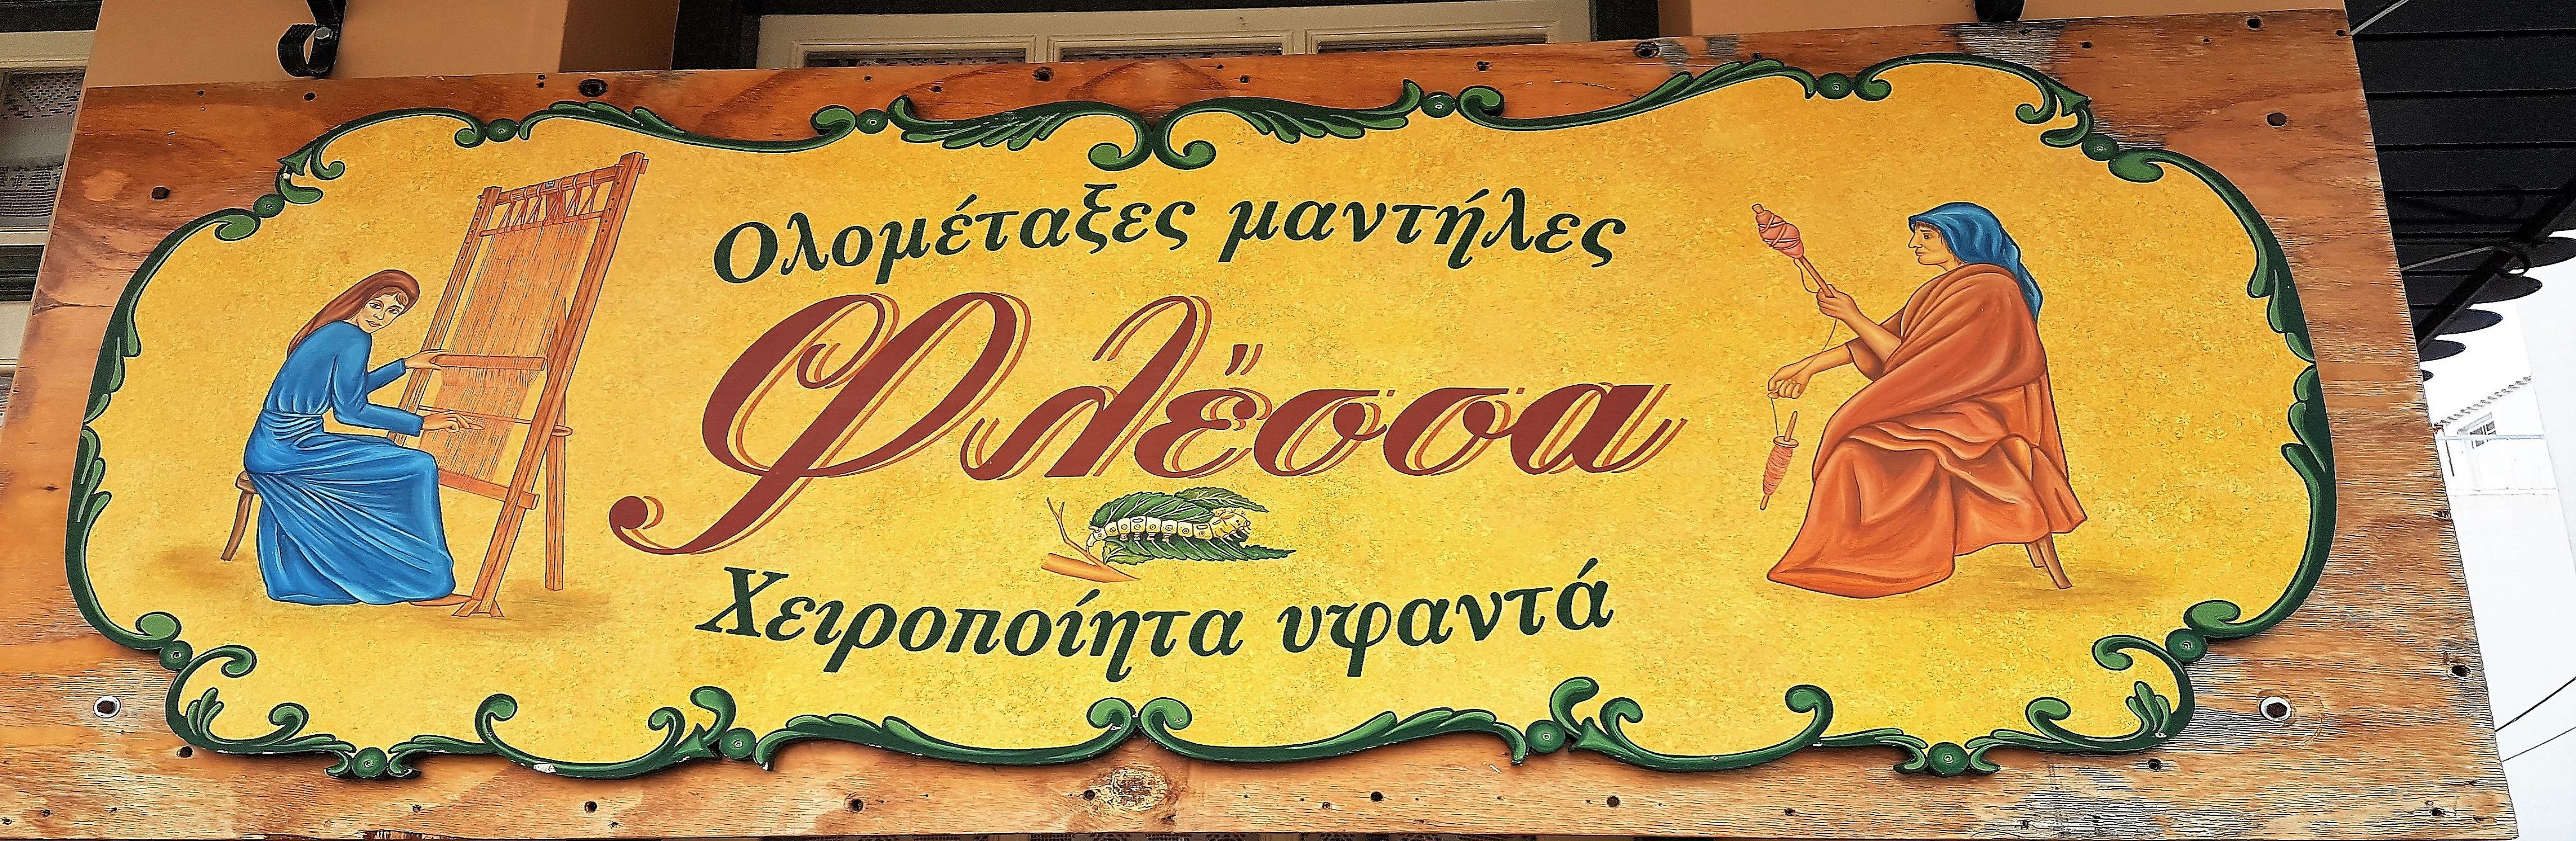 Monastery_Kalograion_banner-1